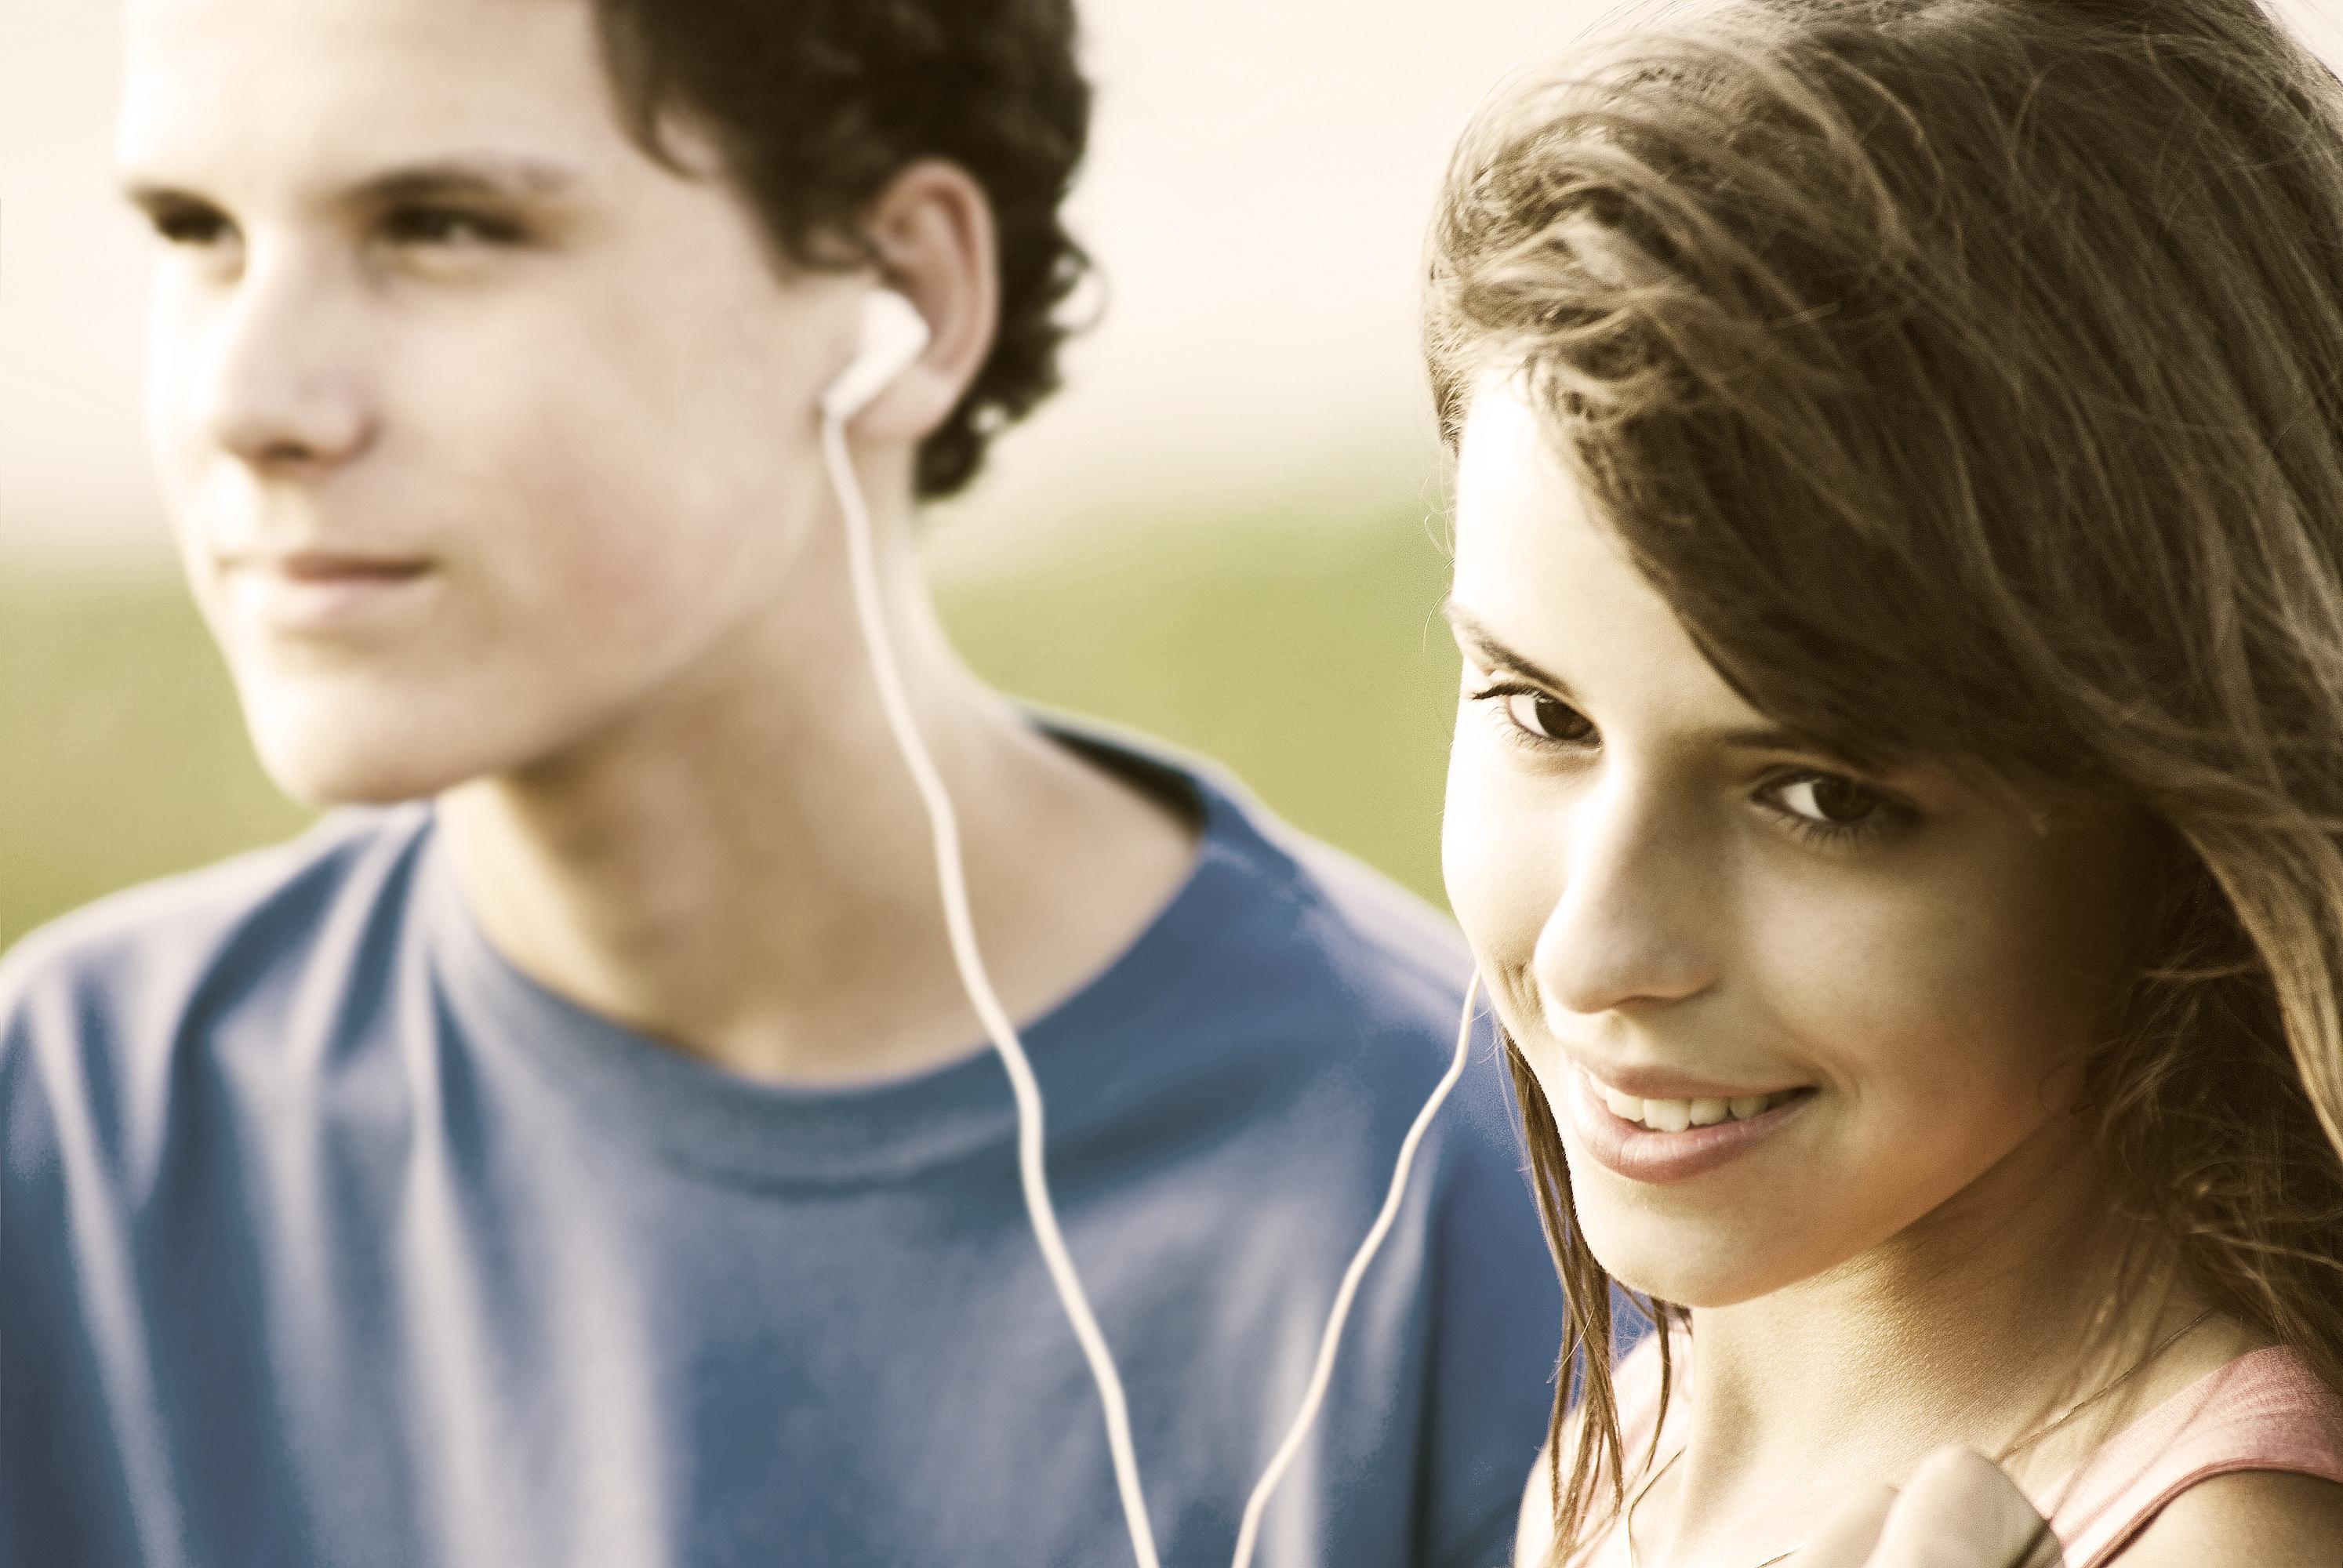 TIM Music Promo 3 Mesi. Tutto quello che devi sapere